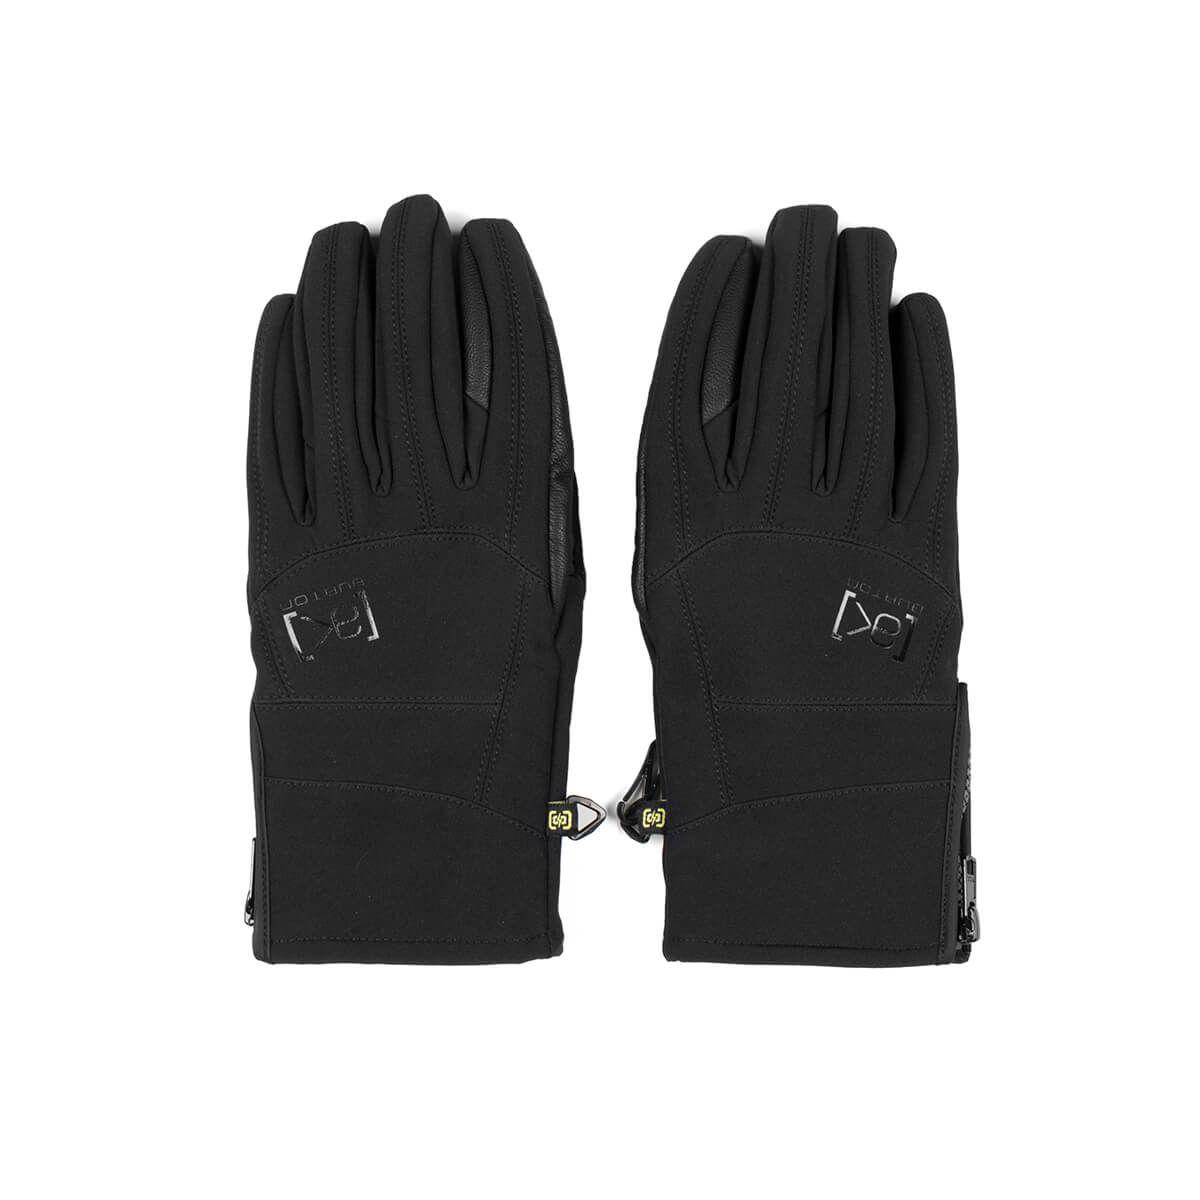 BURTON Tech Gloves in Black